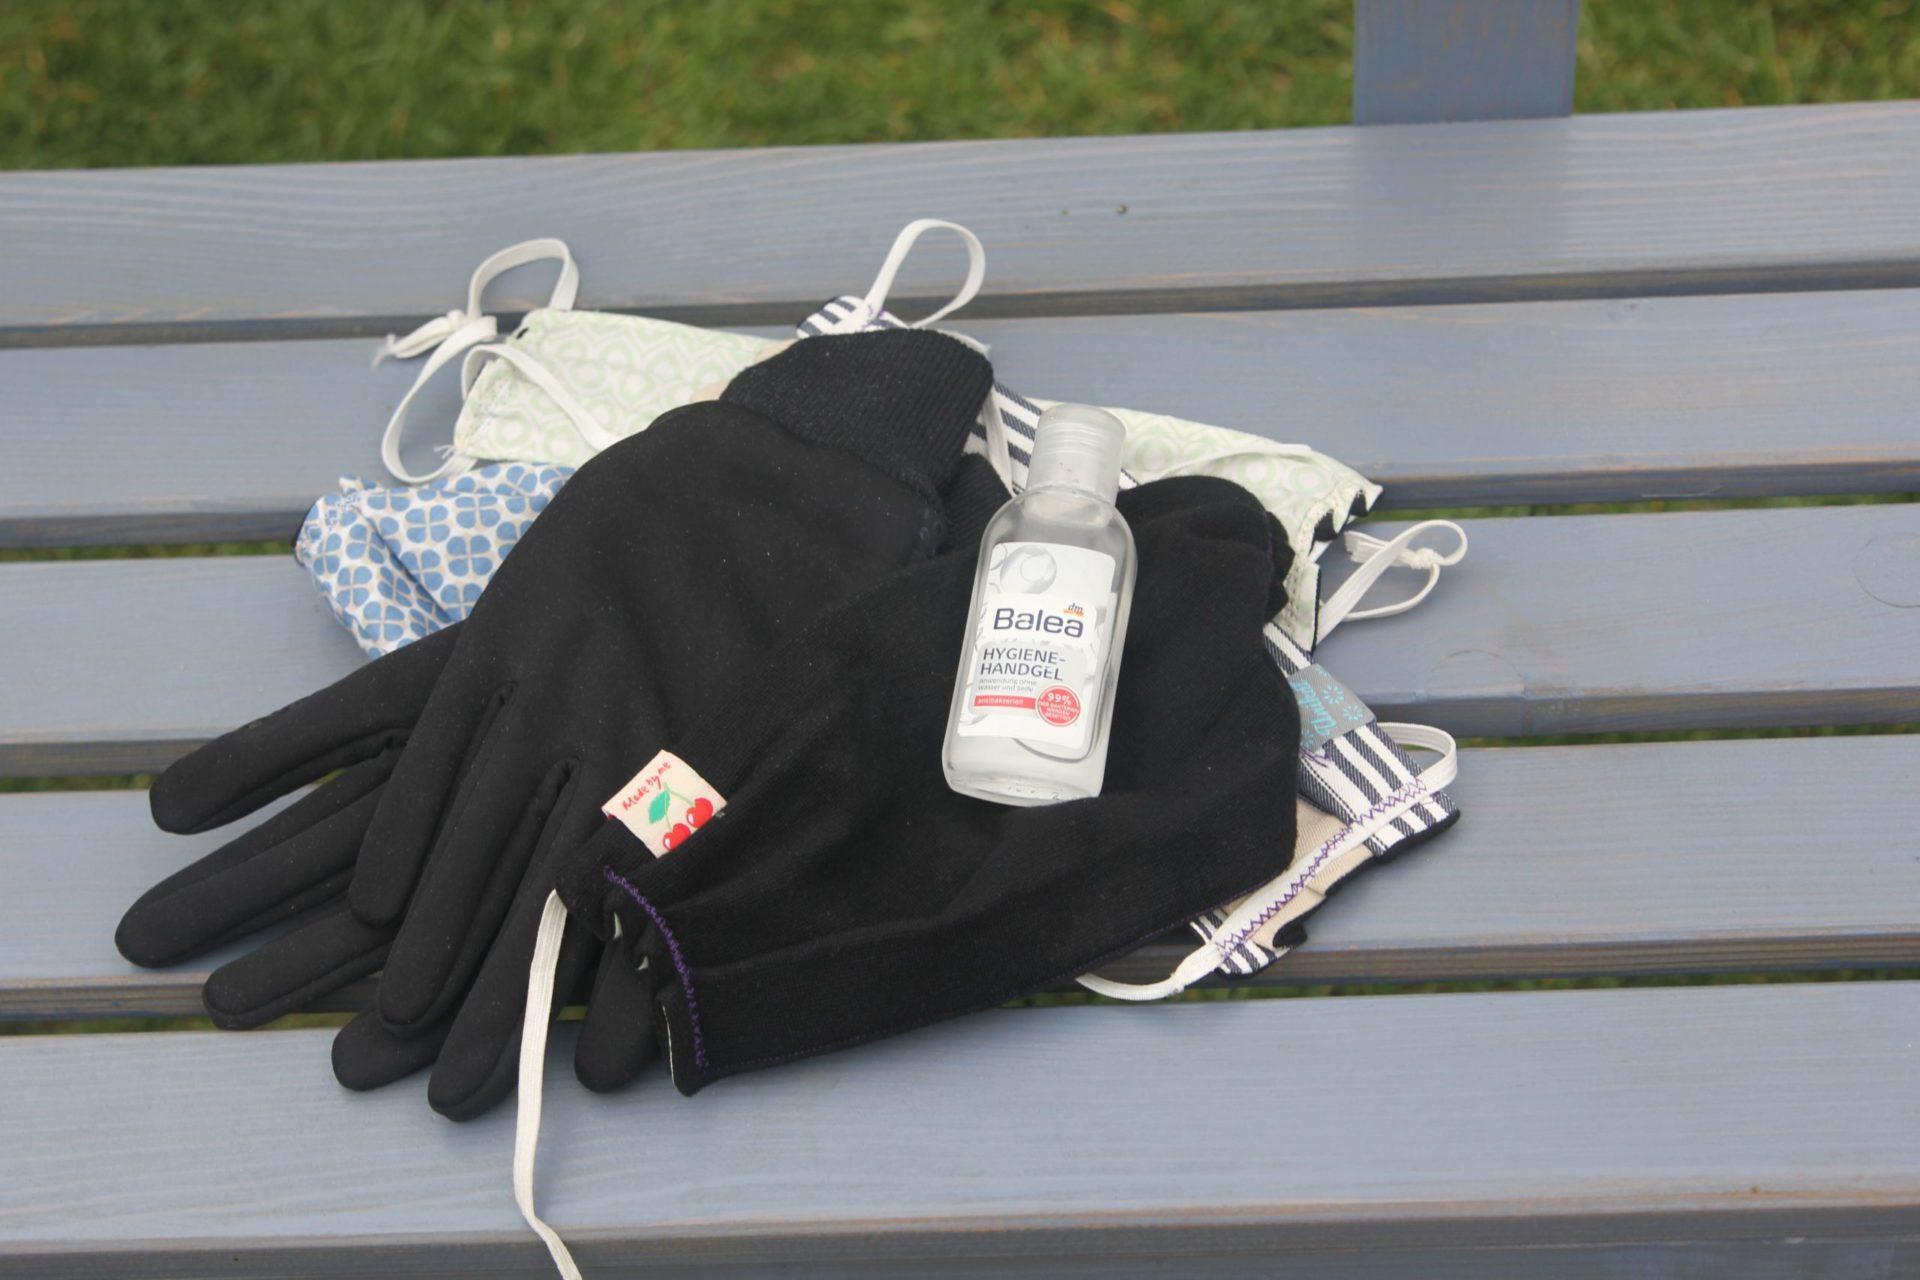 Handschuhe, Maske, Desinfektionsmittel liegen auf einer Bank